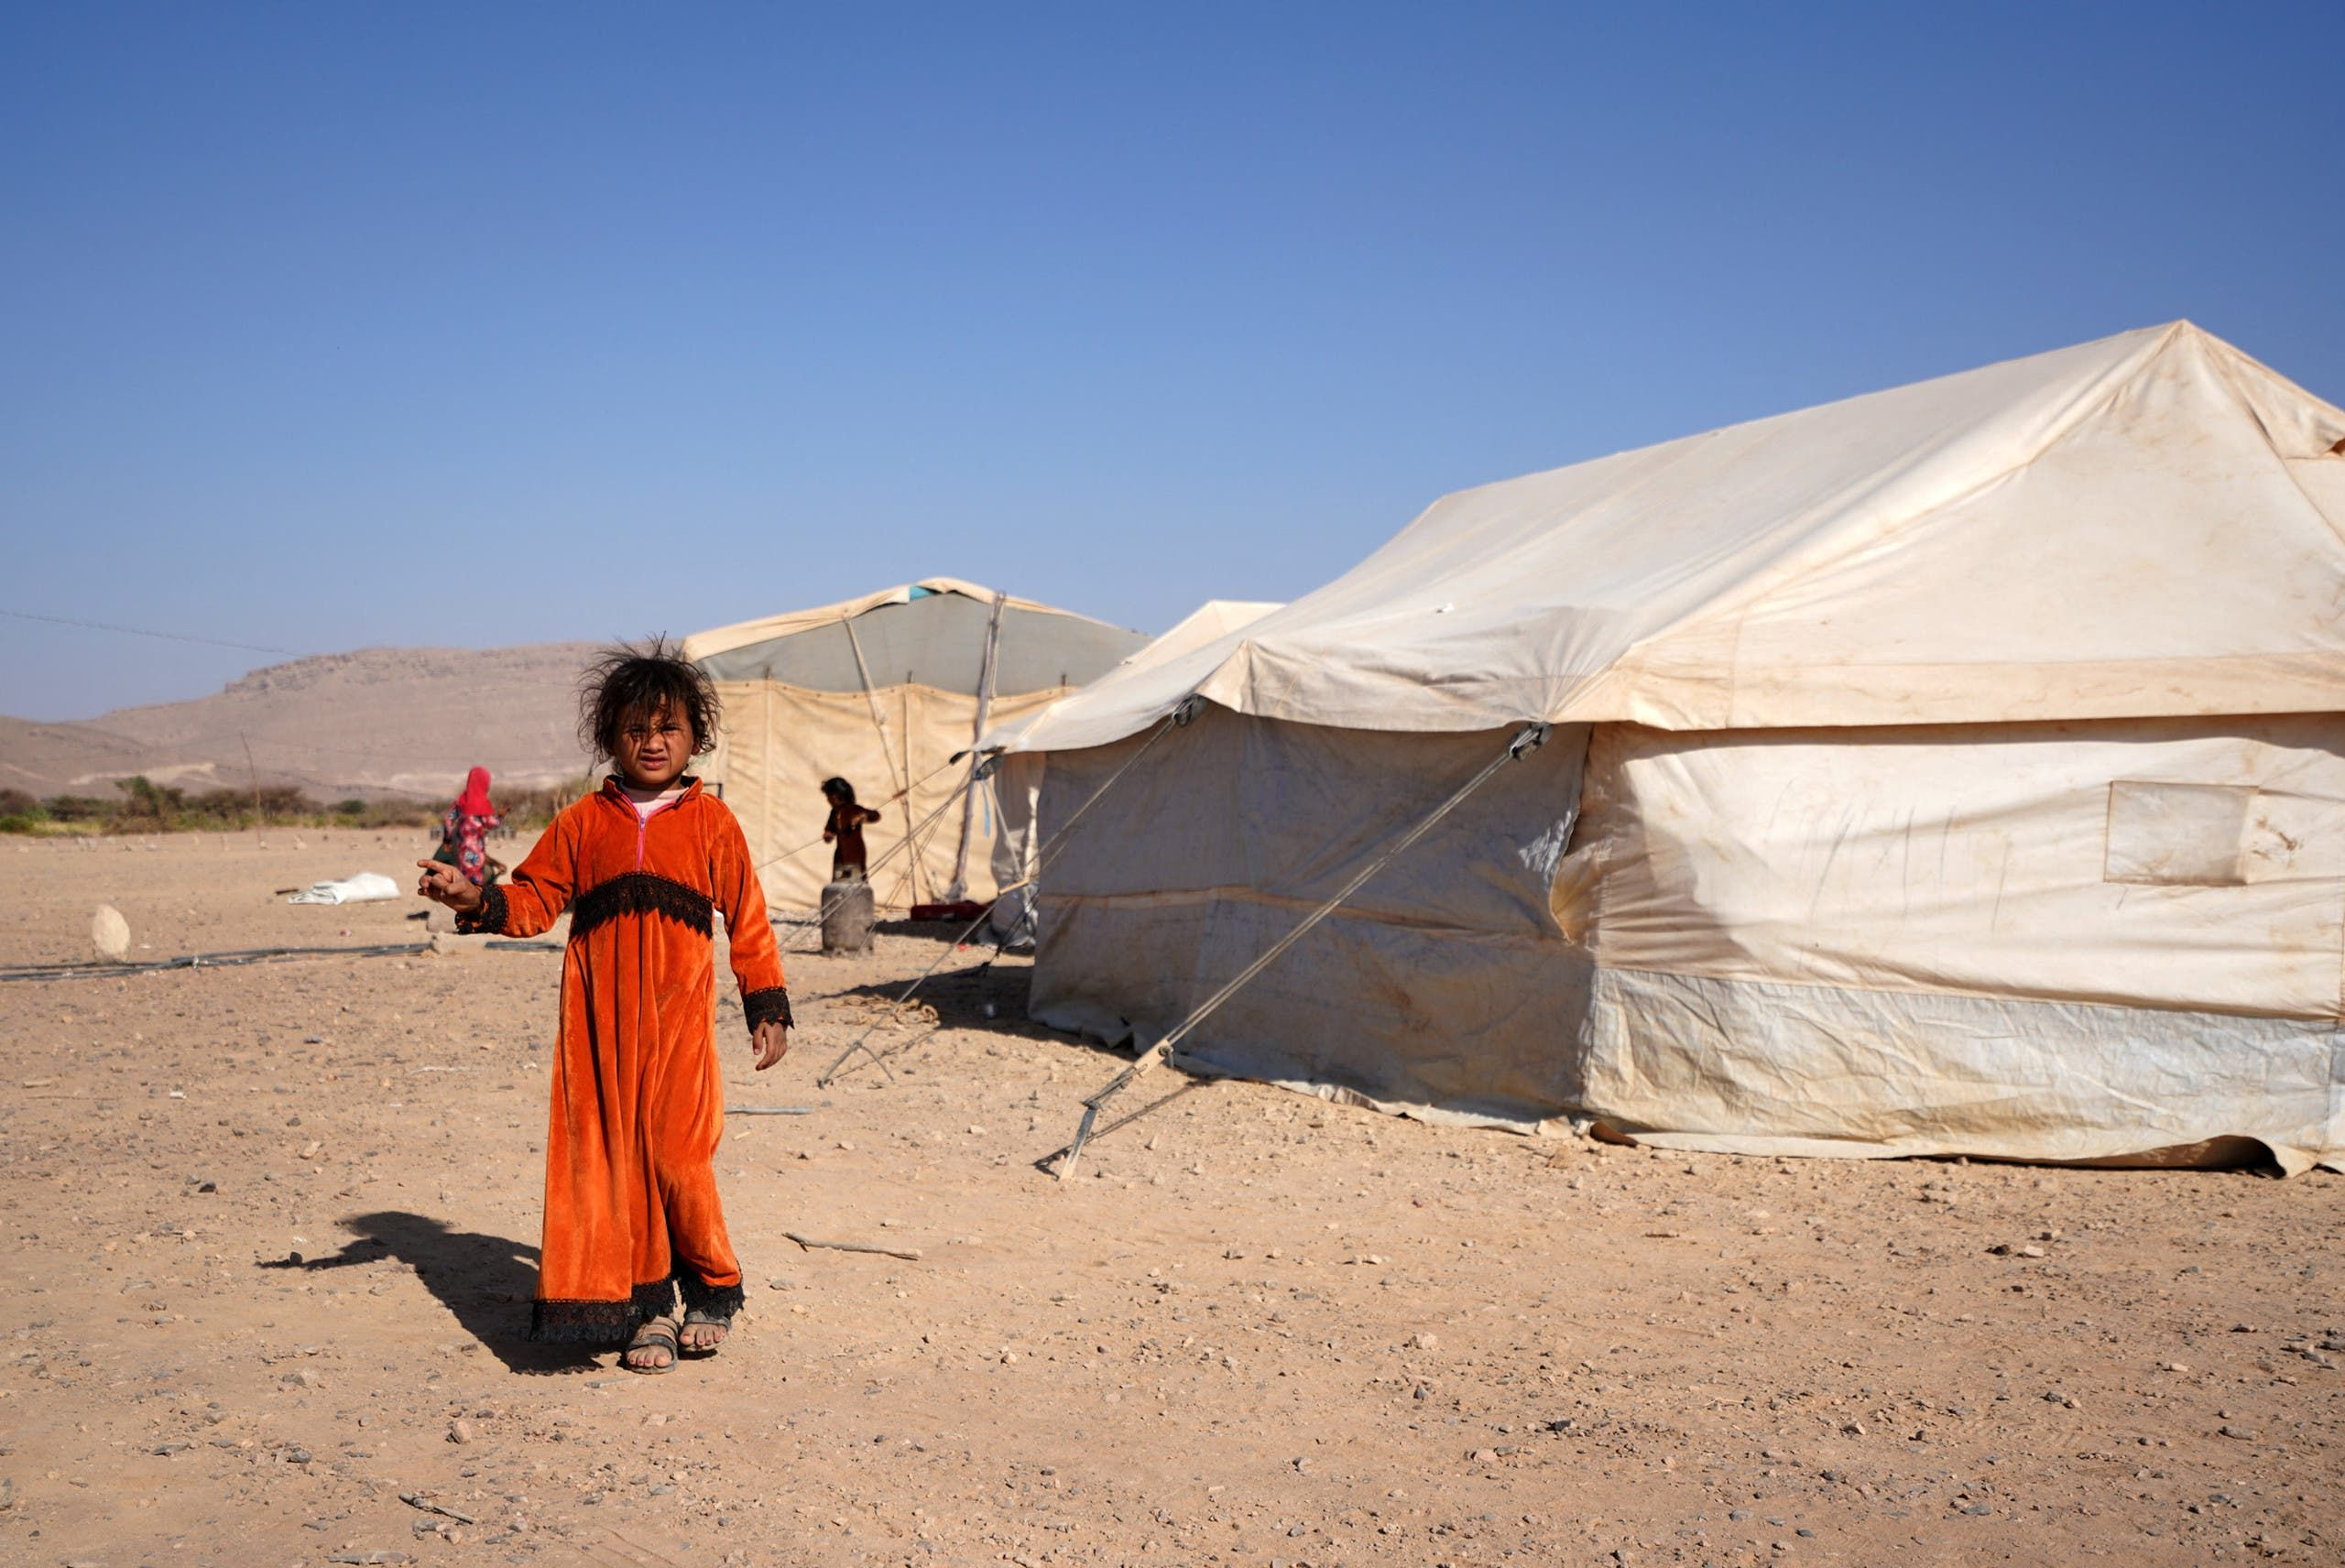 فتاة يمنية تقف في مخيم للنازحين في ضواحي مدينة مأرب يوم 18 فبراير (فرانس برس)